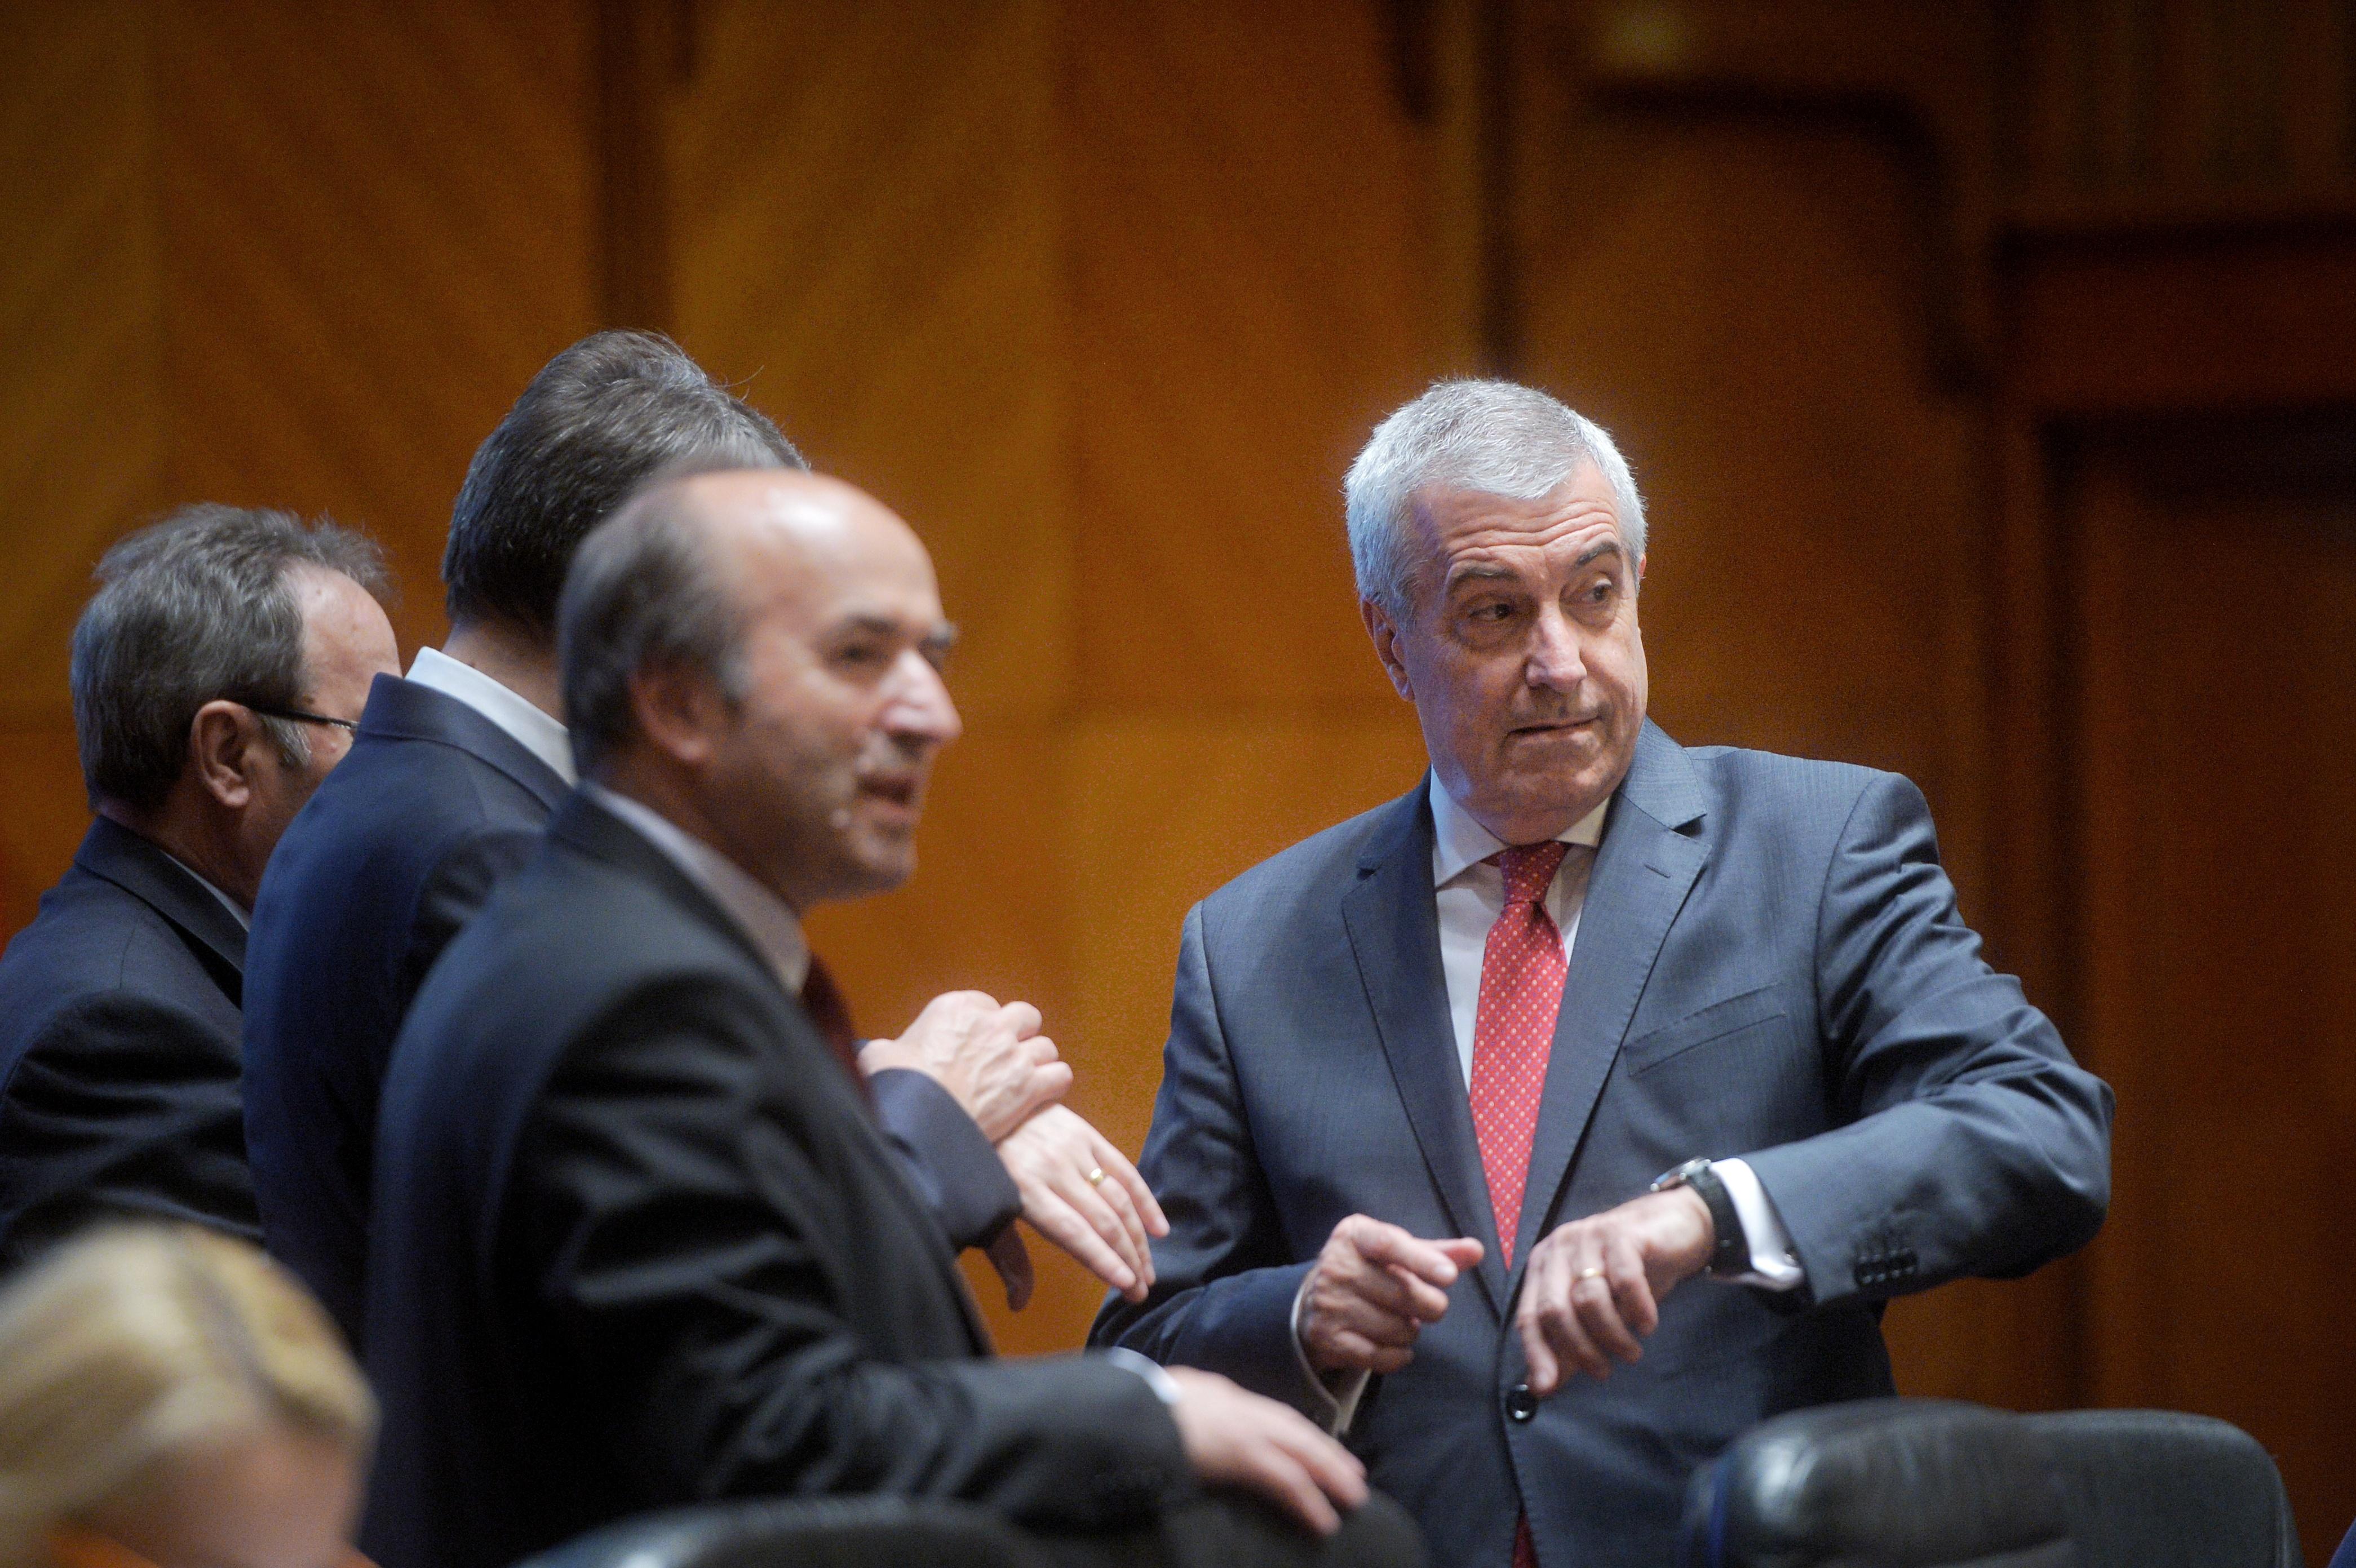 Călin Popescu Tăriceanu: Tudorel Toader nu m-a informat despre raportul privind activitatea DNA/ Ce spune preşedintele Senatului despre revocarea şefei DNA: Decizia nu e la Parlament